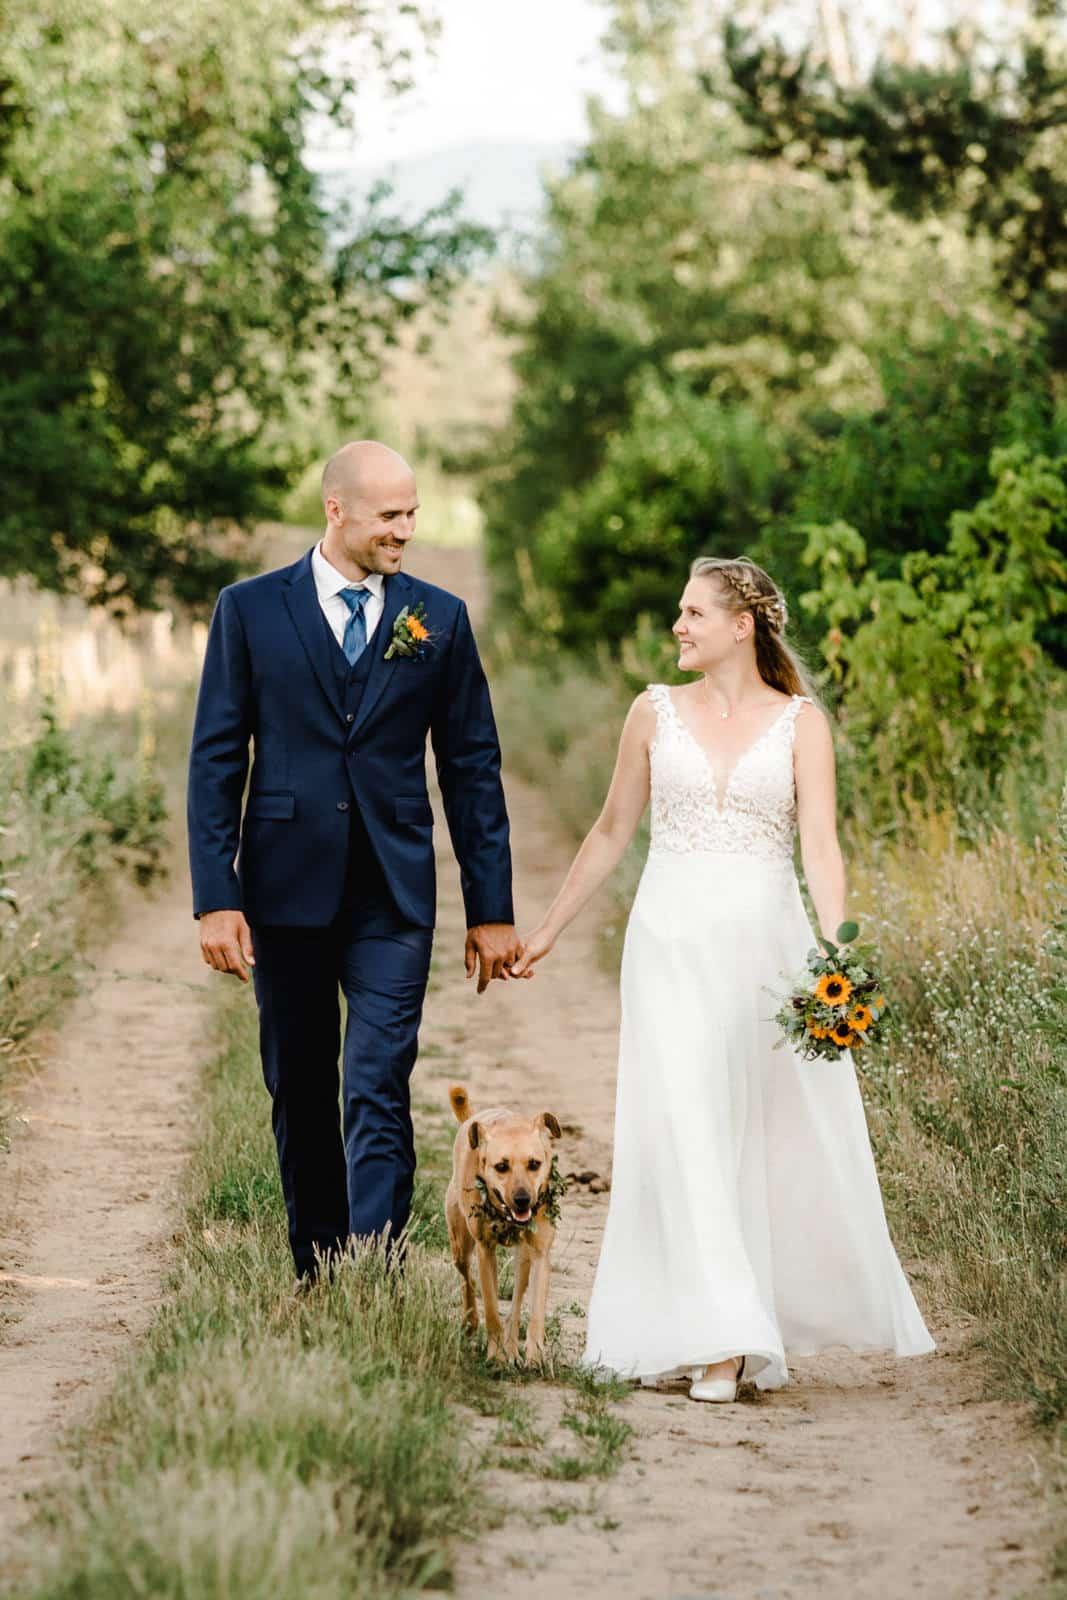 Brautpaar läuft in den Griesheimer Dünen mit ihrem Hund Hand in Hand einen Weg entlang im grünen.